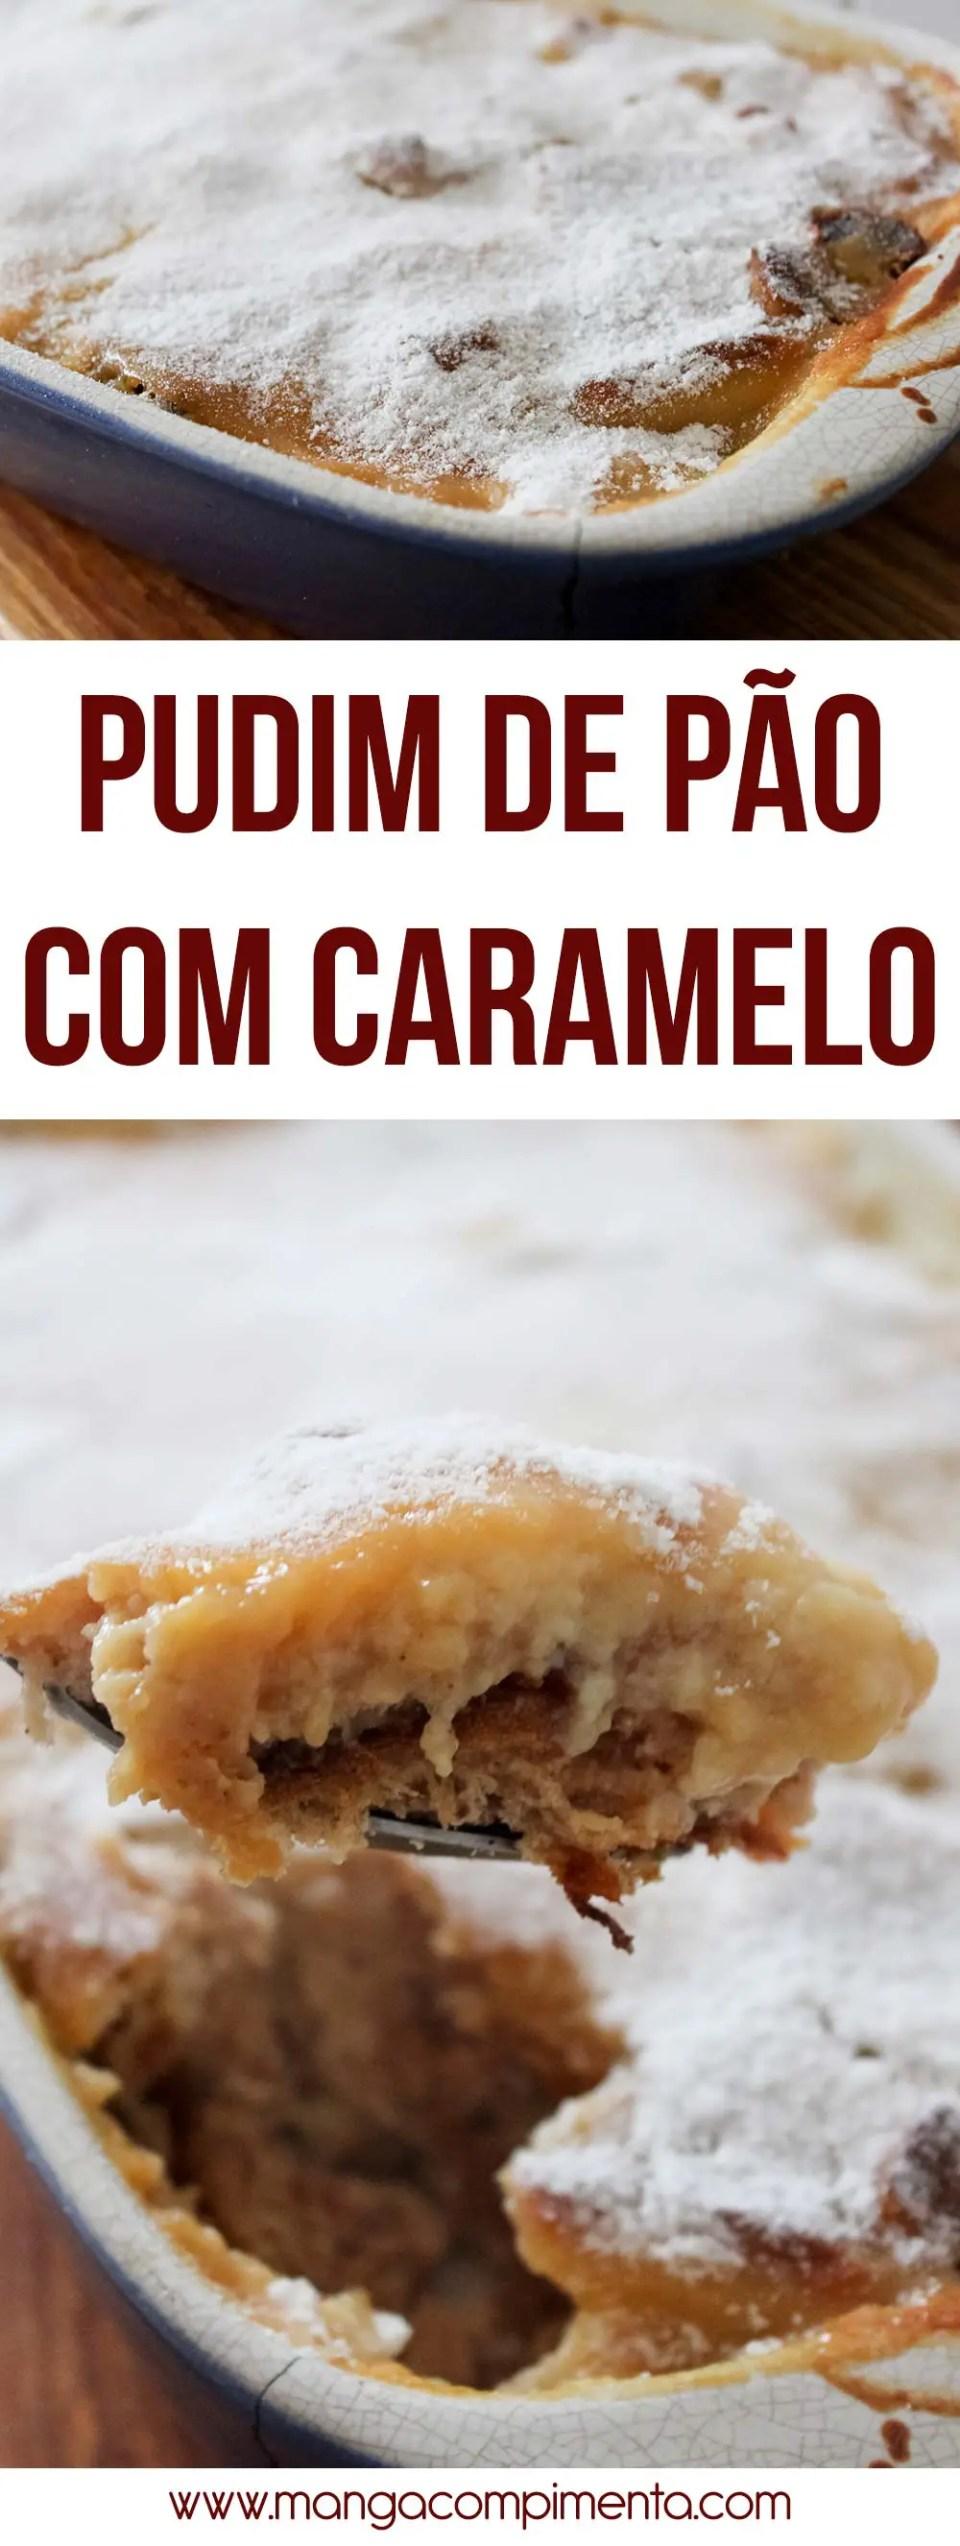 Pudim de Pão com Caramelo - para dias de festas!